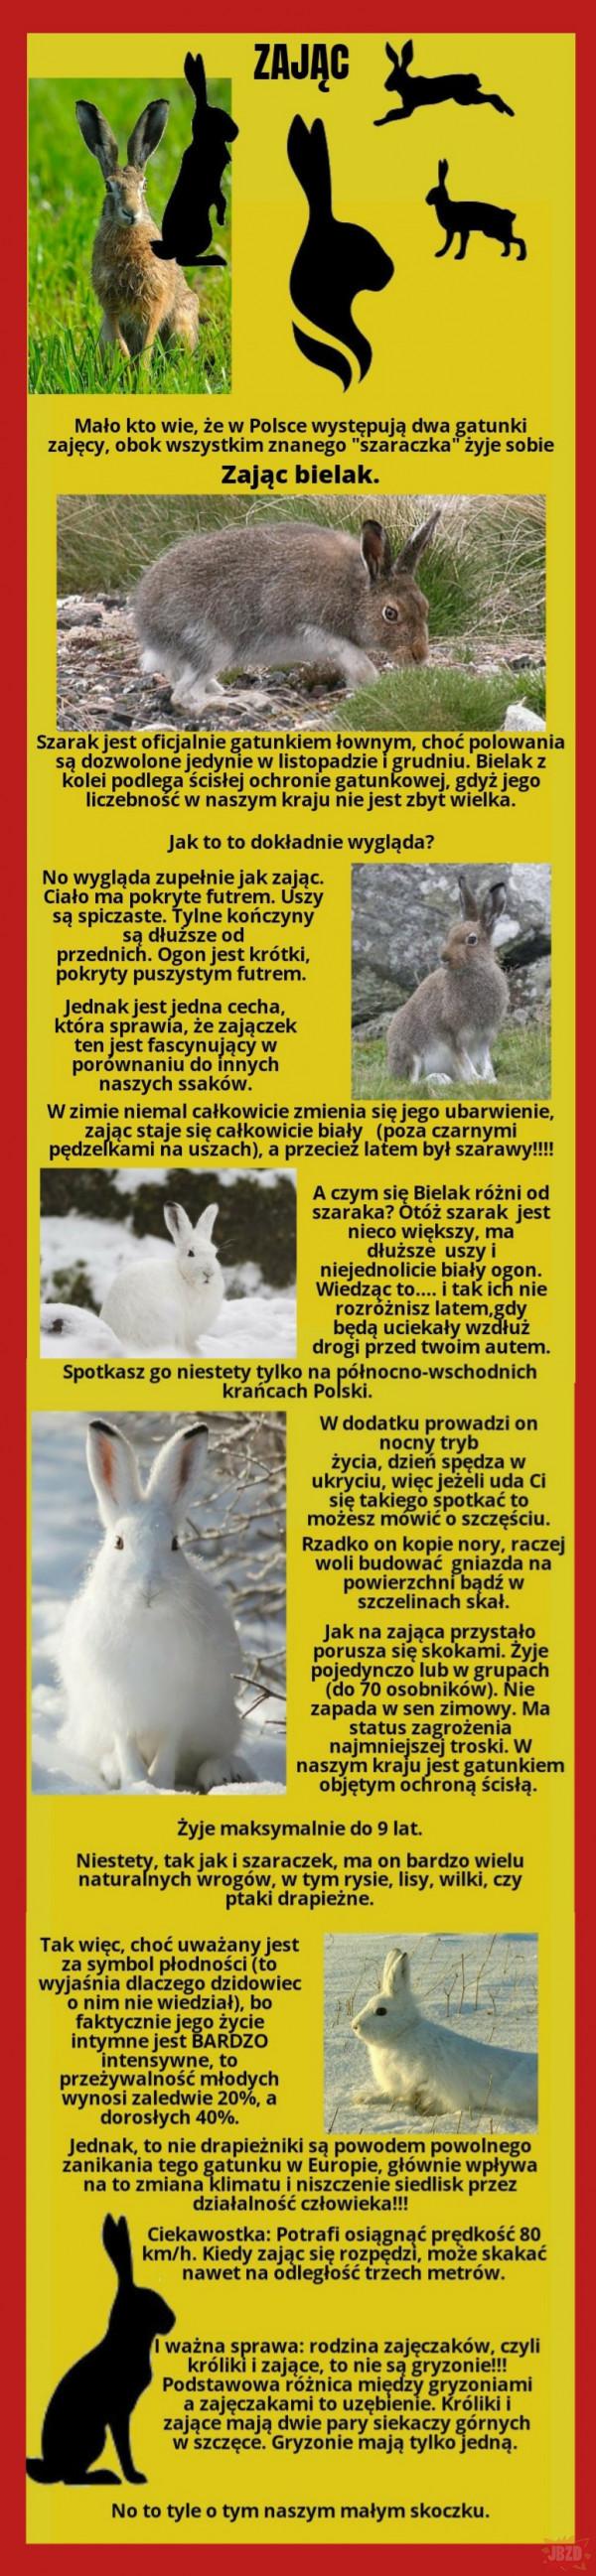 Najciekawsze zwierzęta w Polsce....